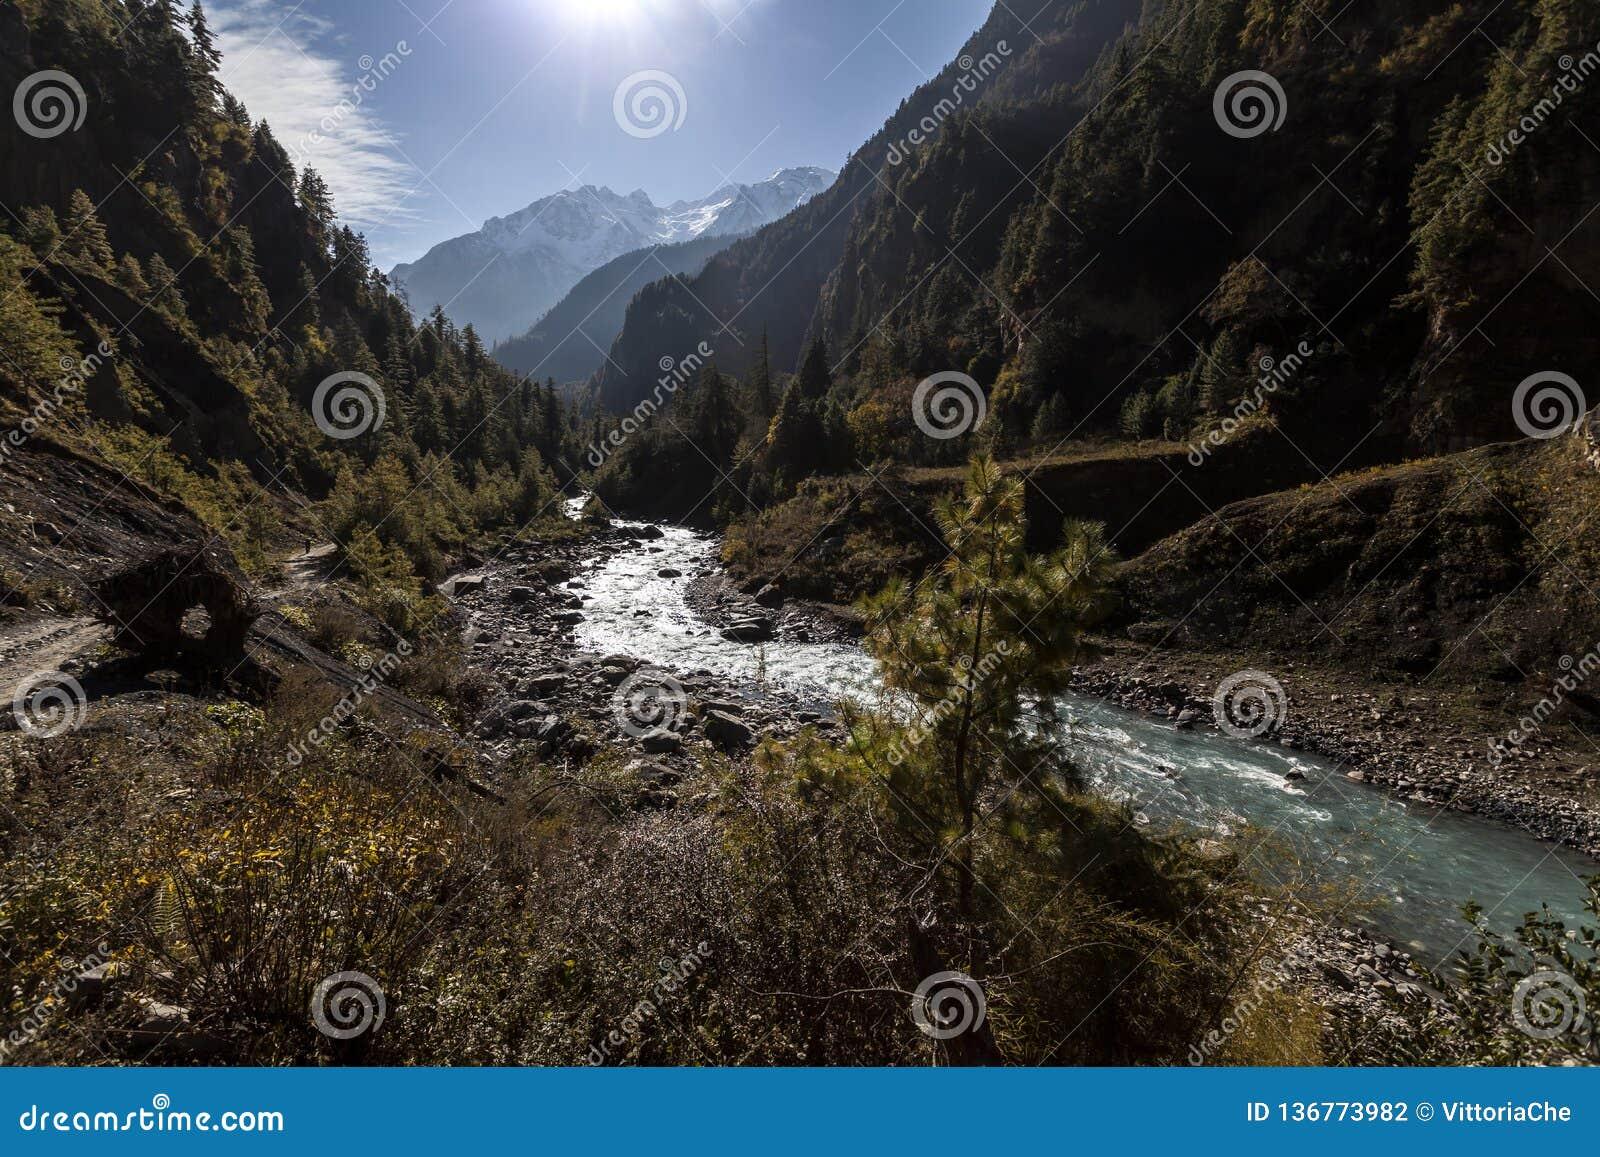 De vallei van de Marsyangdirivier in Himalayagebergte, Nepal, Annapurna-behoudsgebied